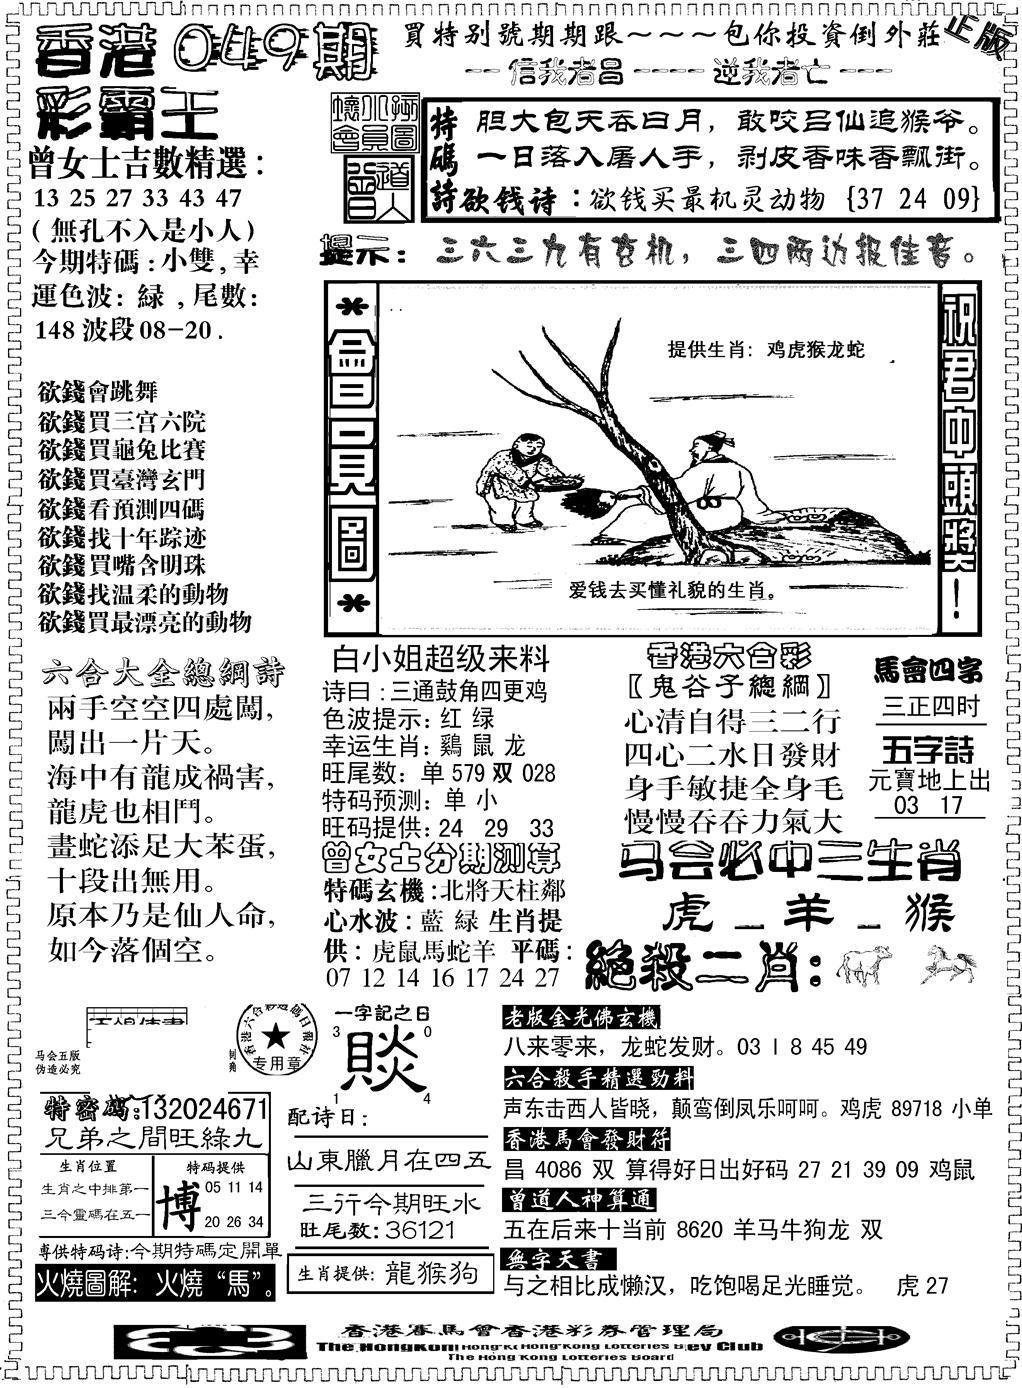 049期另版新版彩霸王B(黑白)